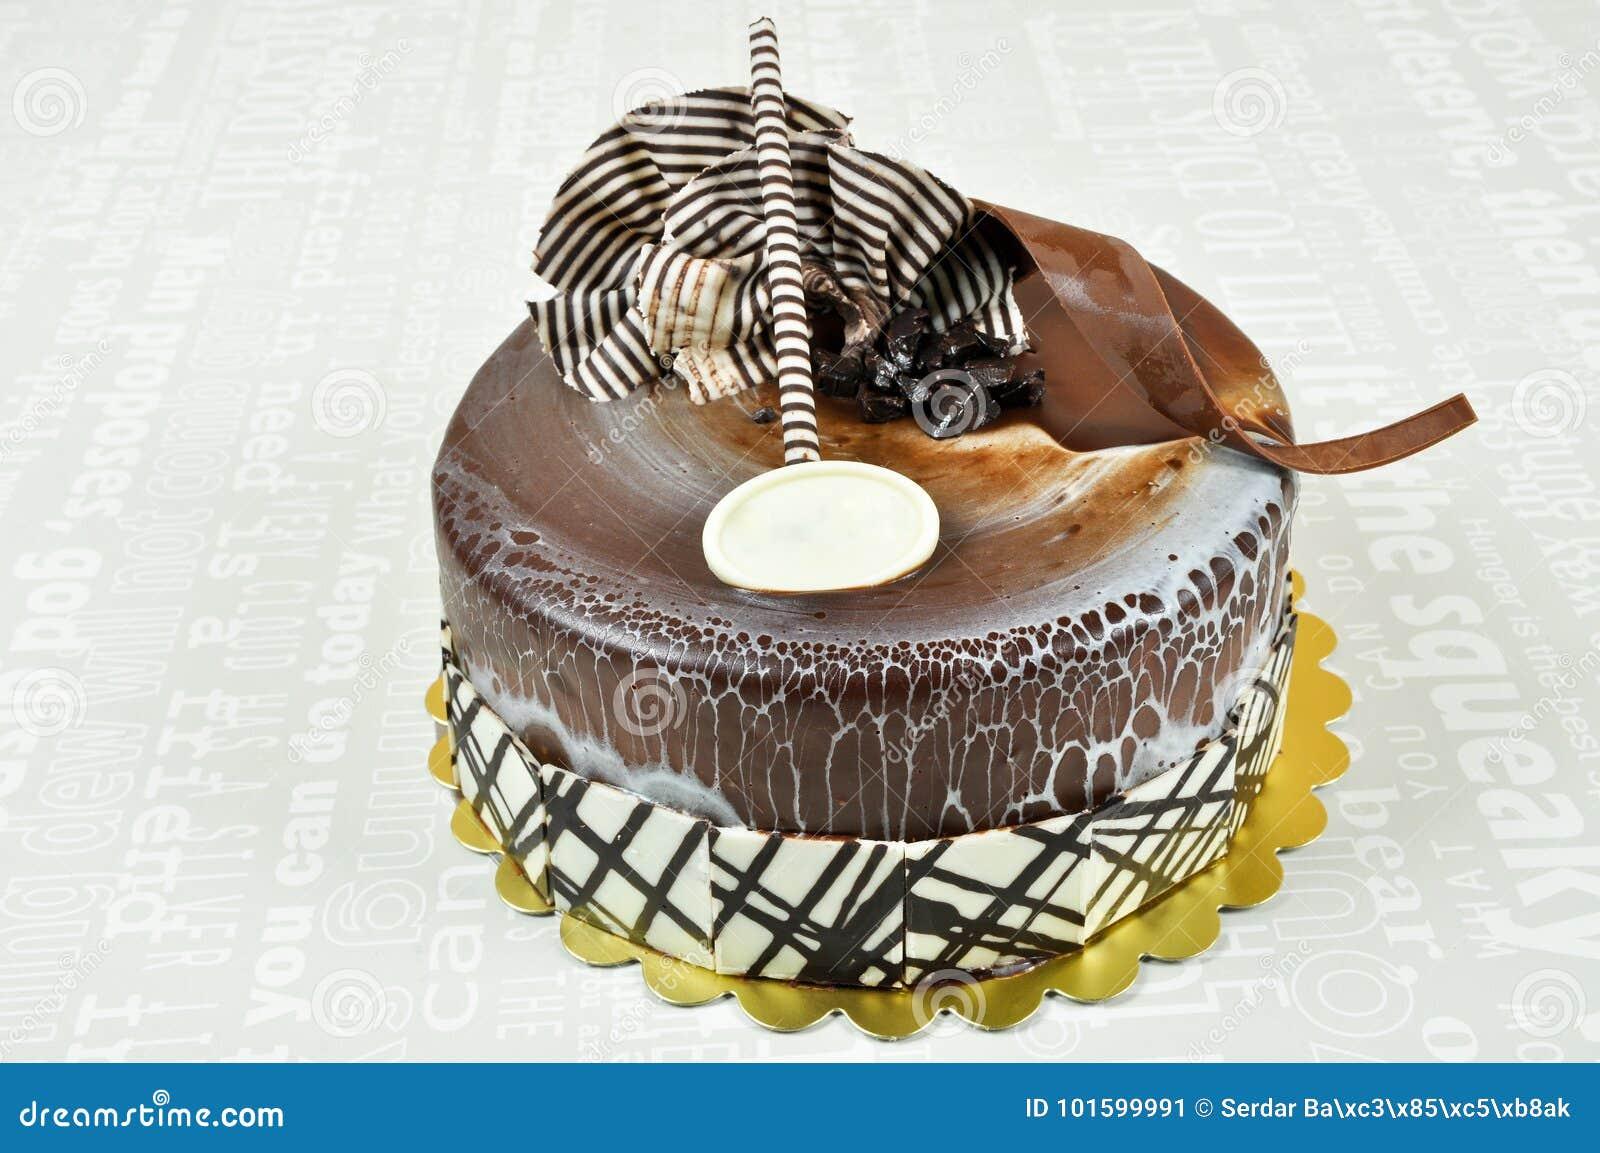 Yummy Chocolate Cake Stock Image Image Of Dish Melt 101599991